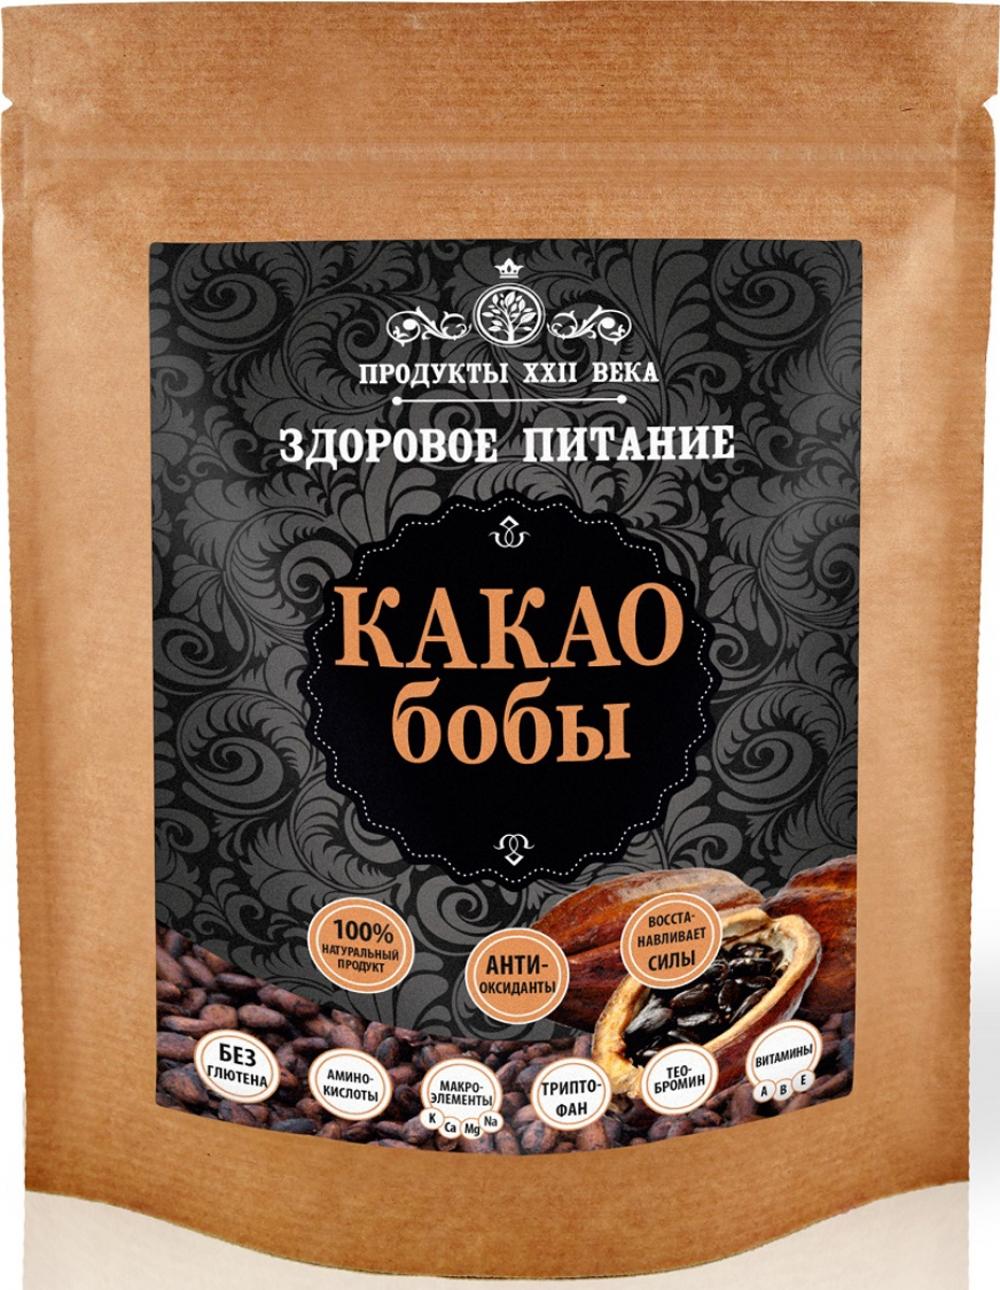 Какао порошок алкализованный, 200г, Продукты XXII века